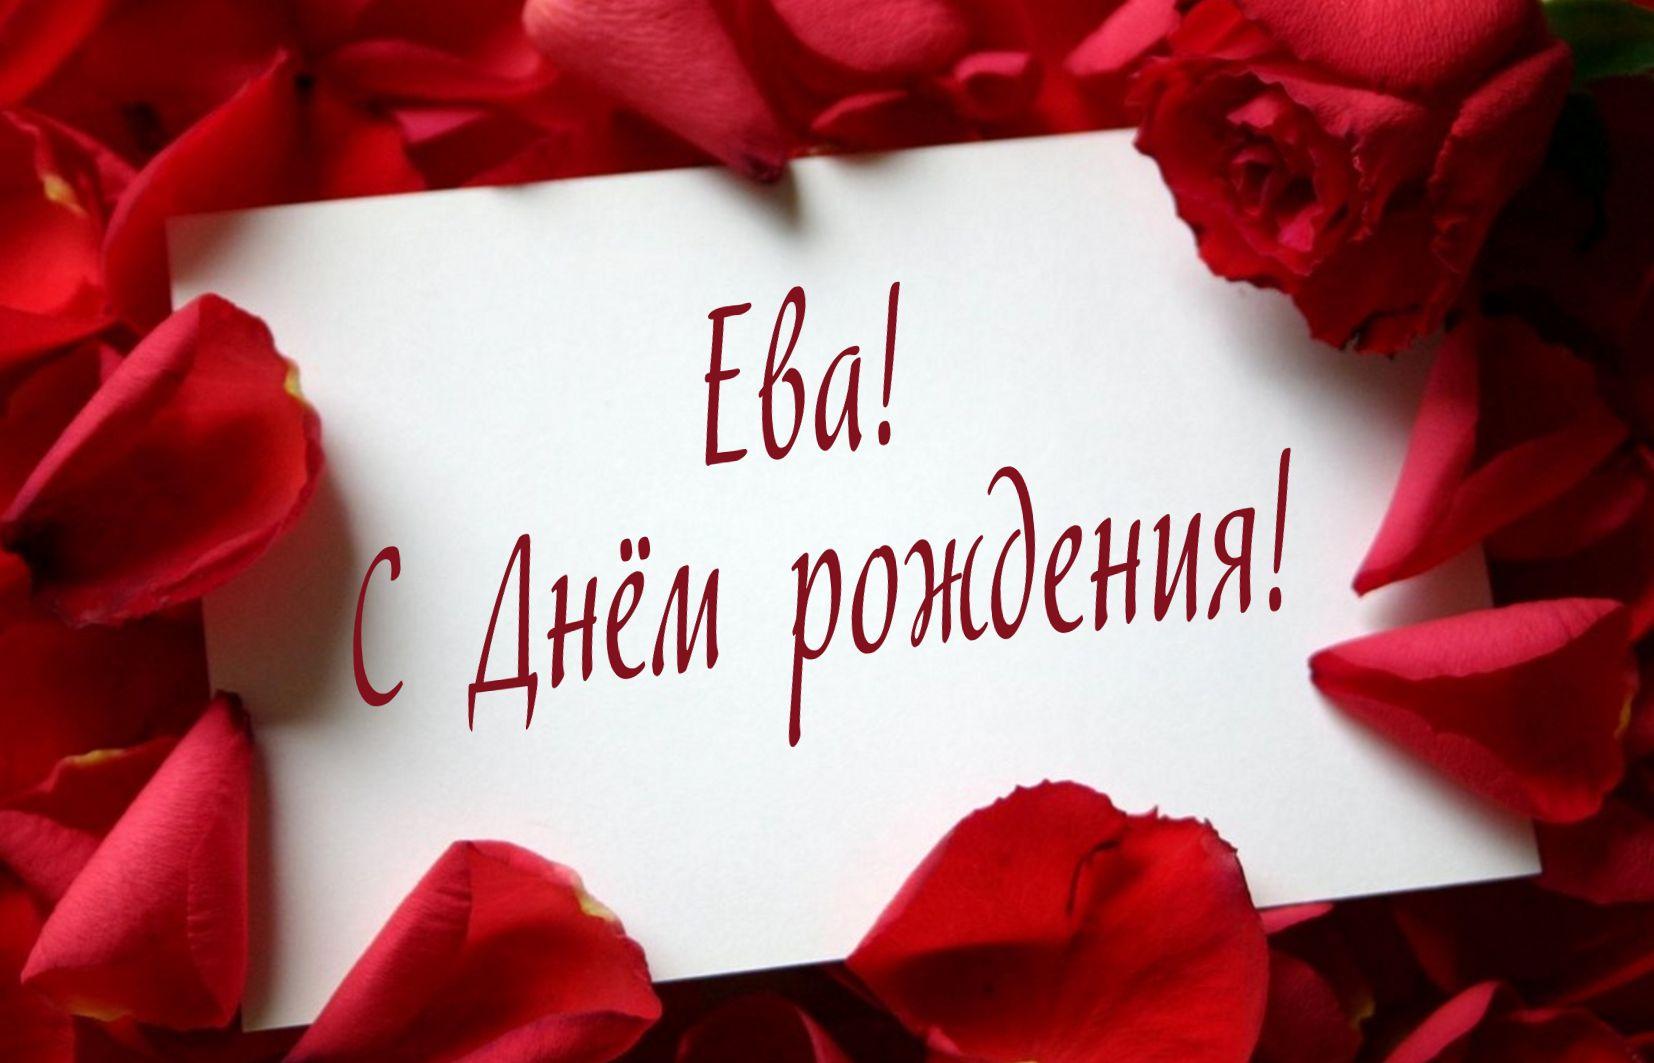 Открытка с Днем рождения Еве - поздравление в рамке из красных роз